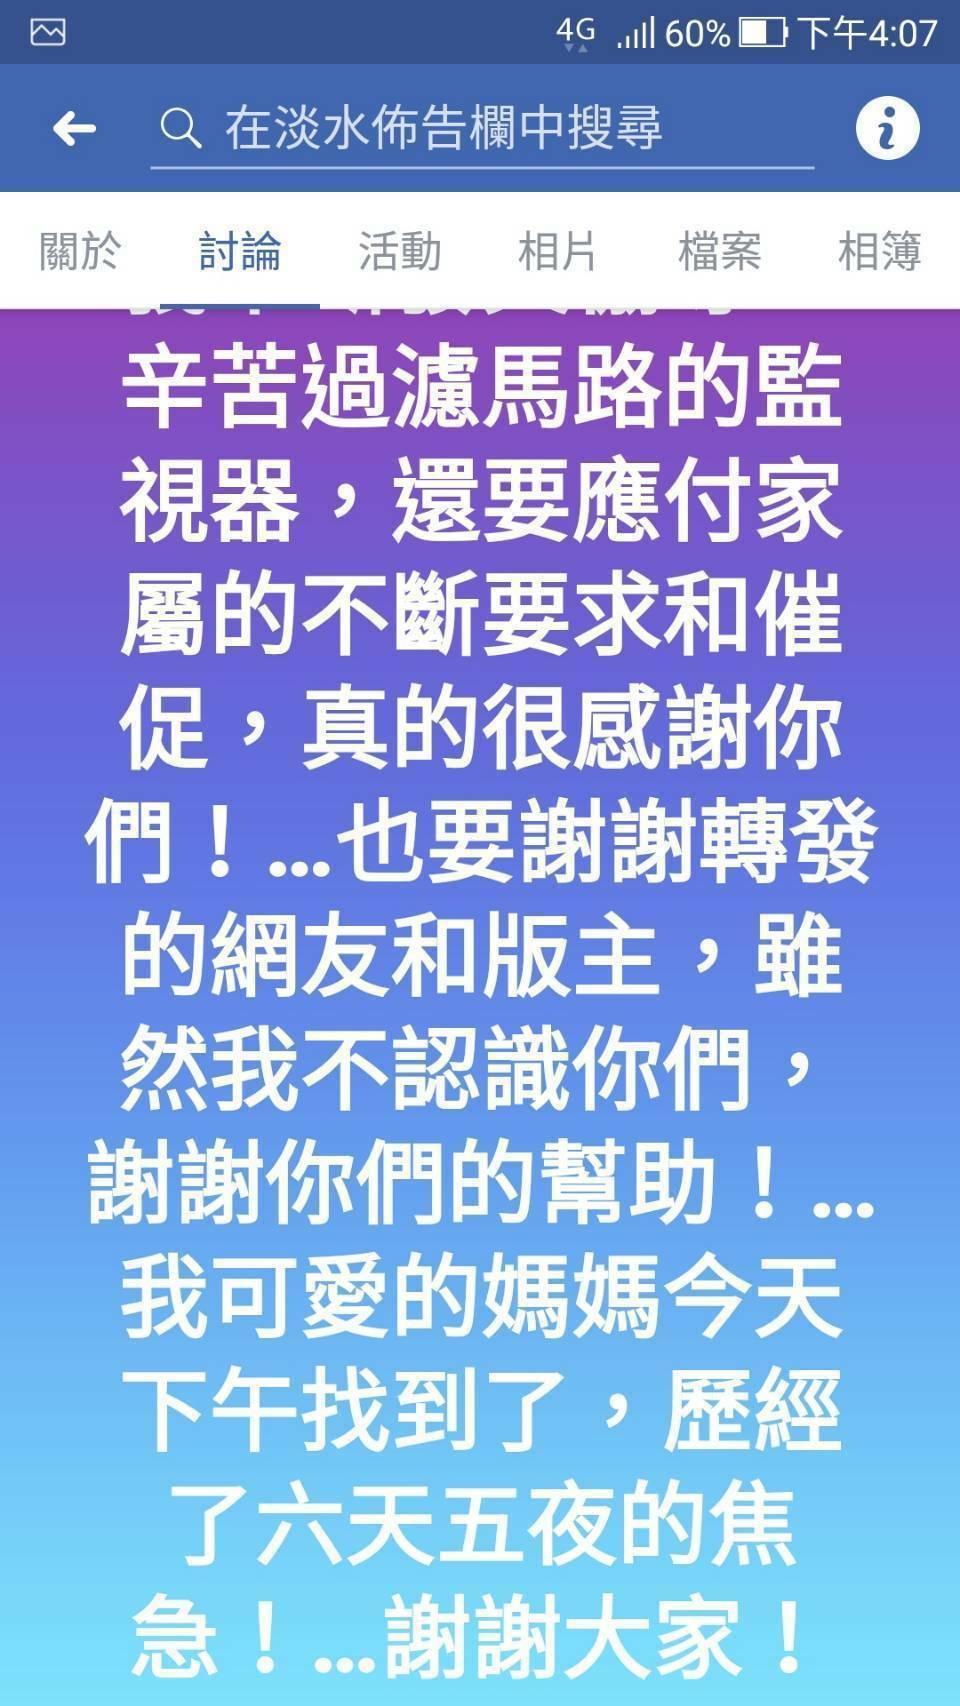 家屬貼文感謝警察和消防等參與救難人員。記者林昭彰/翻攝